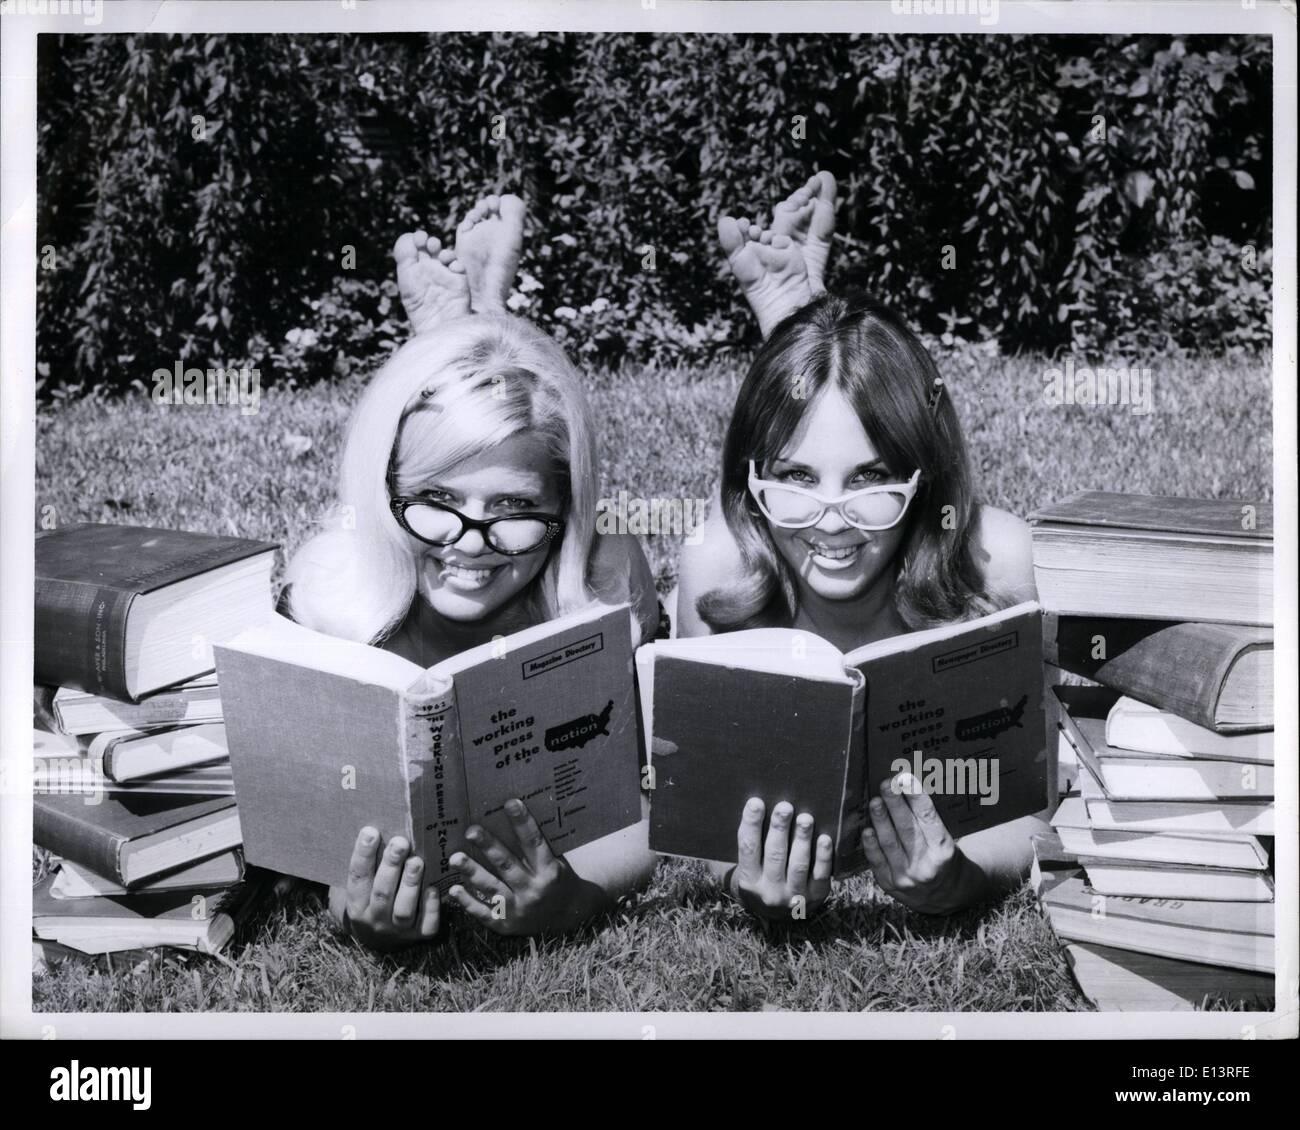 27 mar 2012 - Funshine abitudini di lettura  questi due modelli da  Florida s Sunken Gardens 802d2f0788c5